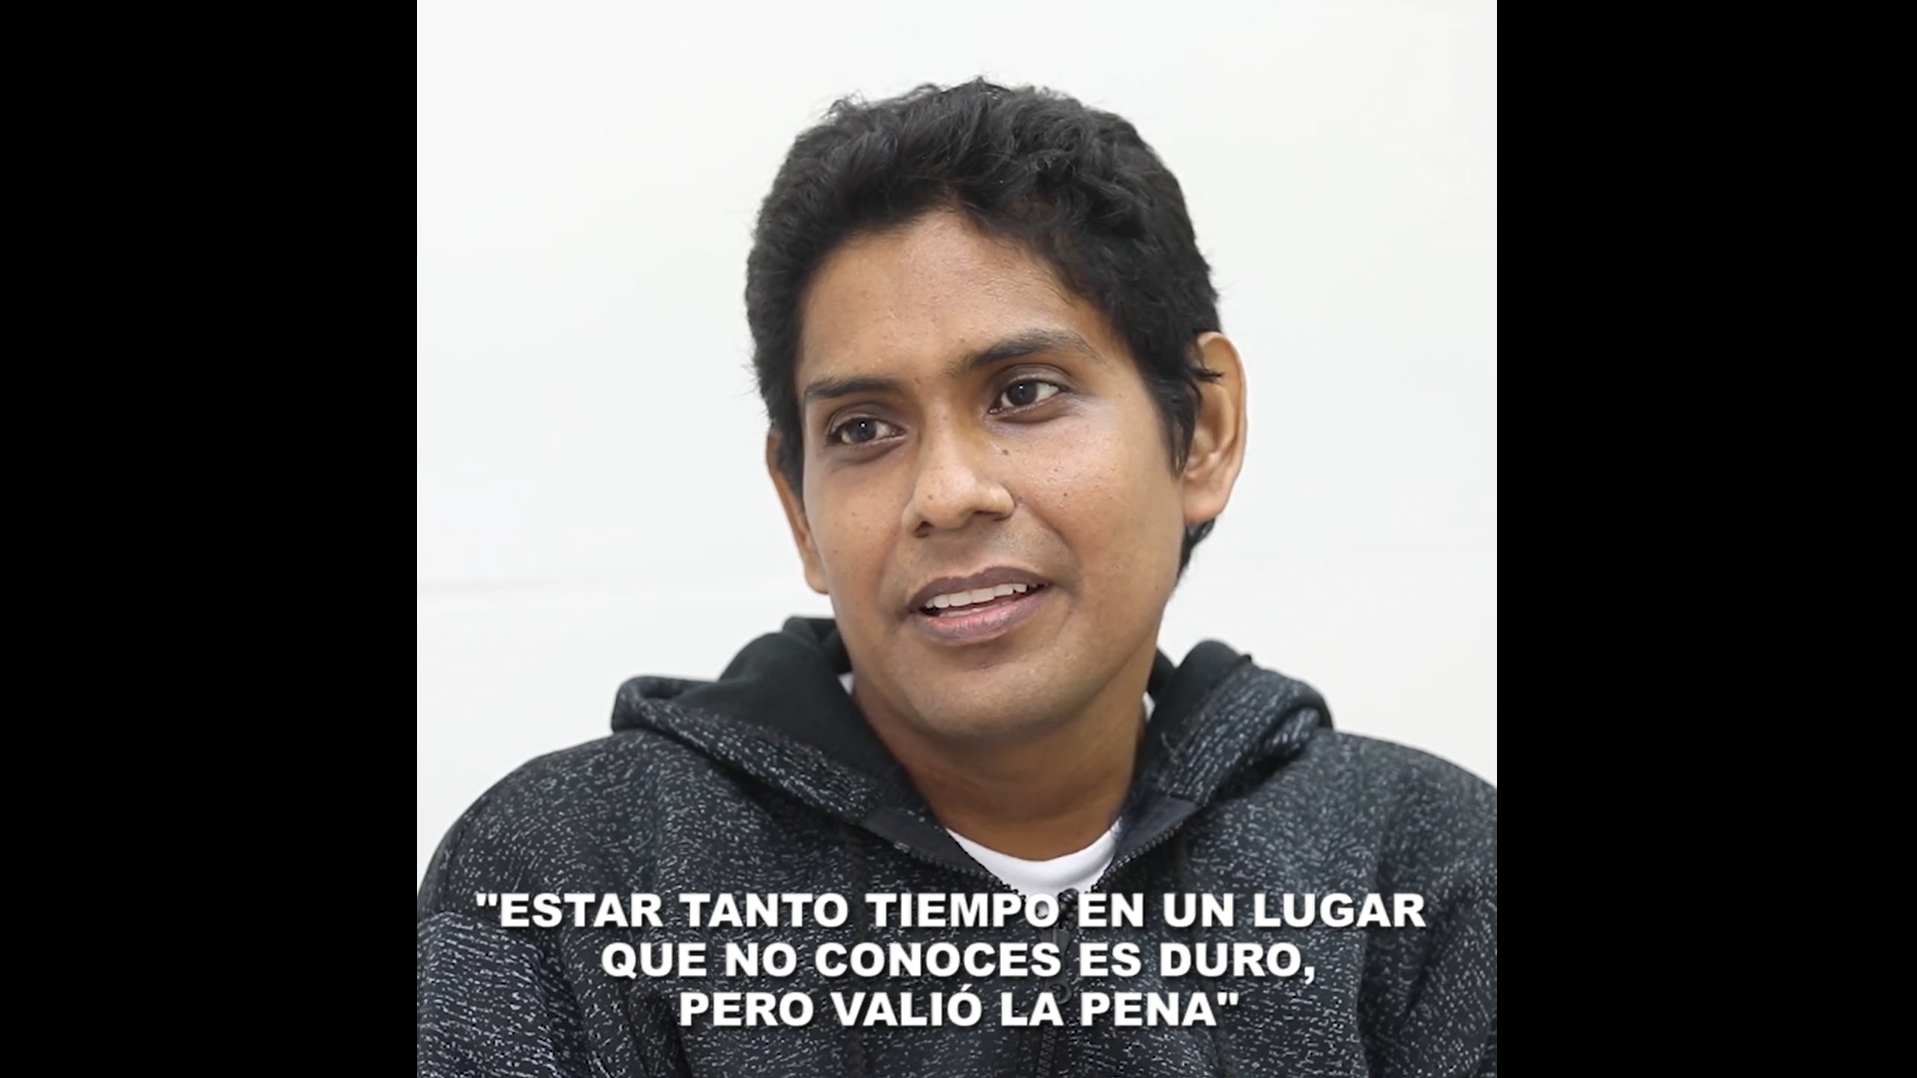 Conoce la historia de Pedro, quien tuvo que mudarse de Piura a Lima para recibir el trasplante de riñón que necesitaba.